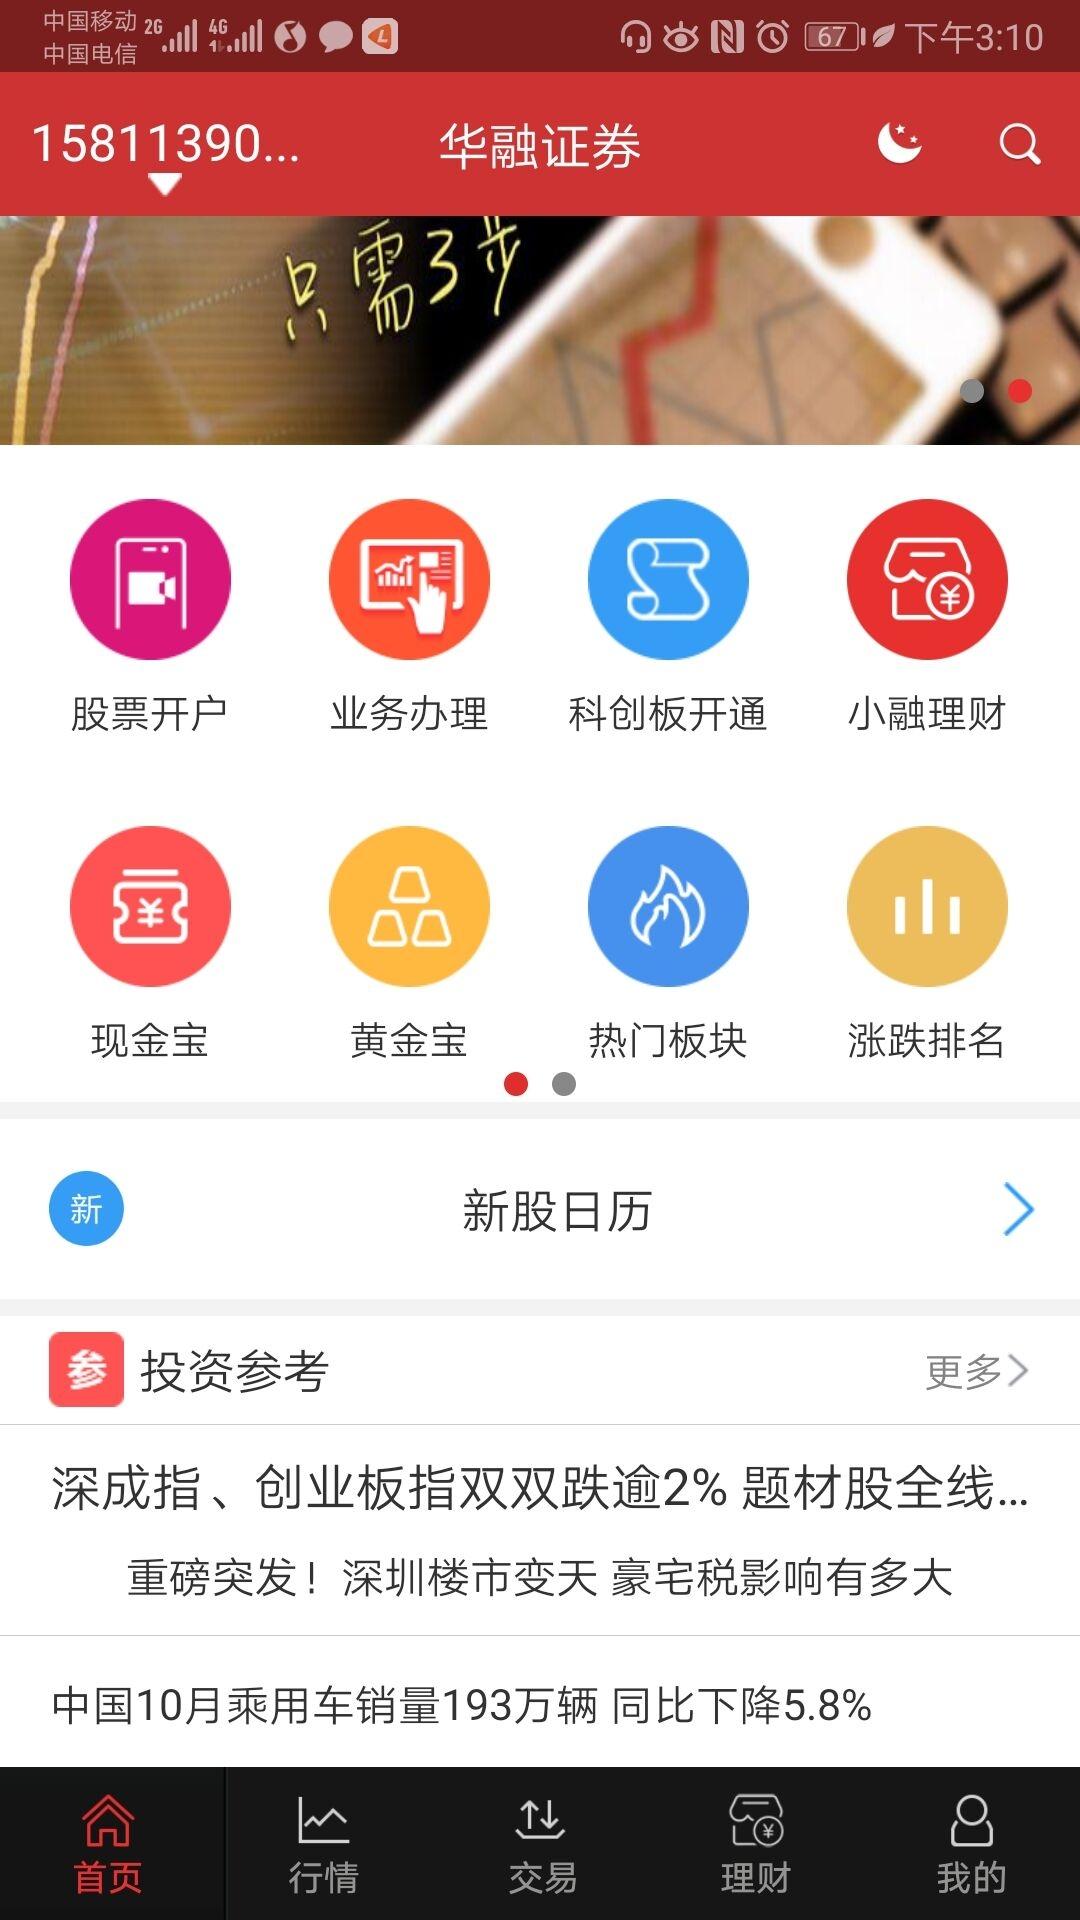 华融证券手机版 2.0.1 安卓版